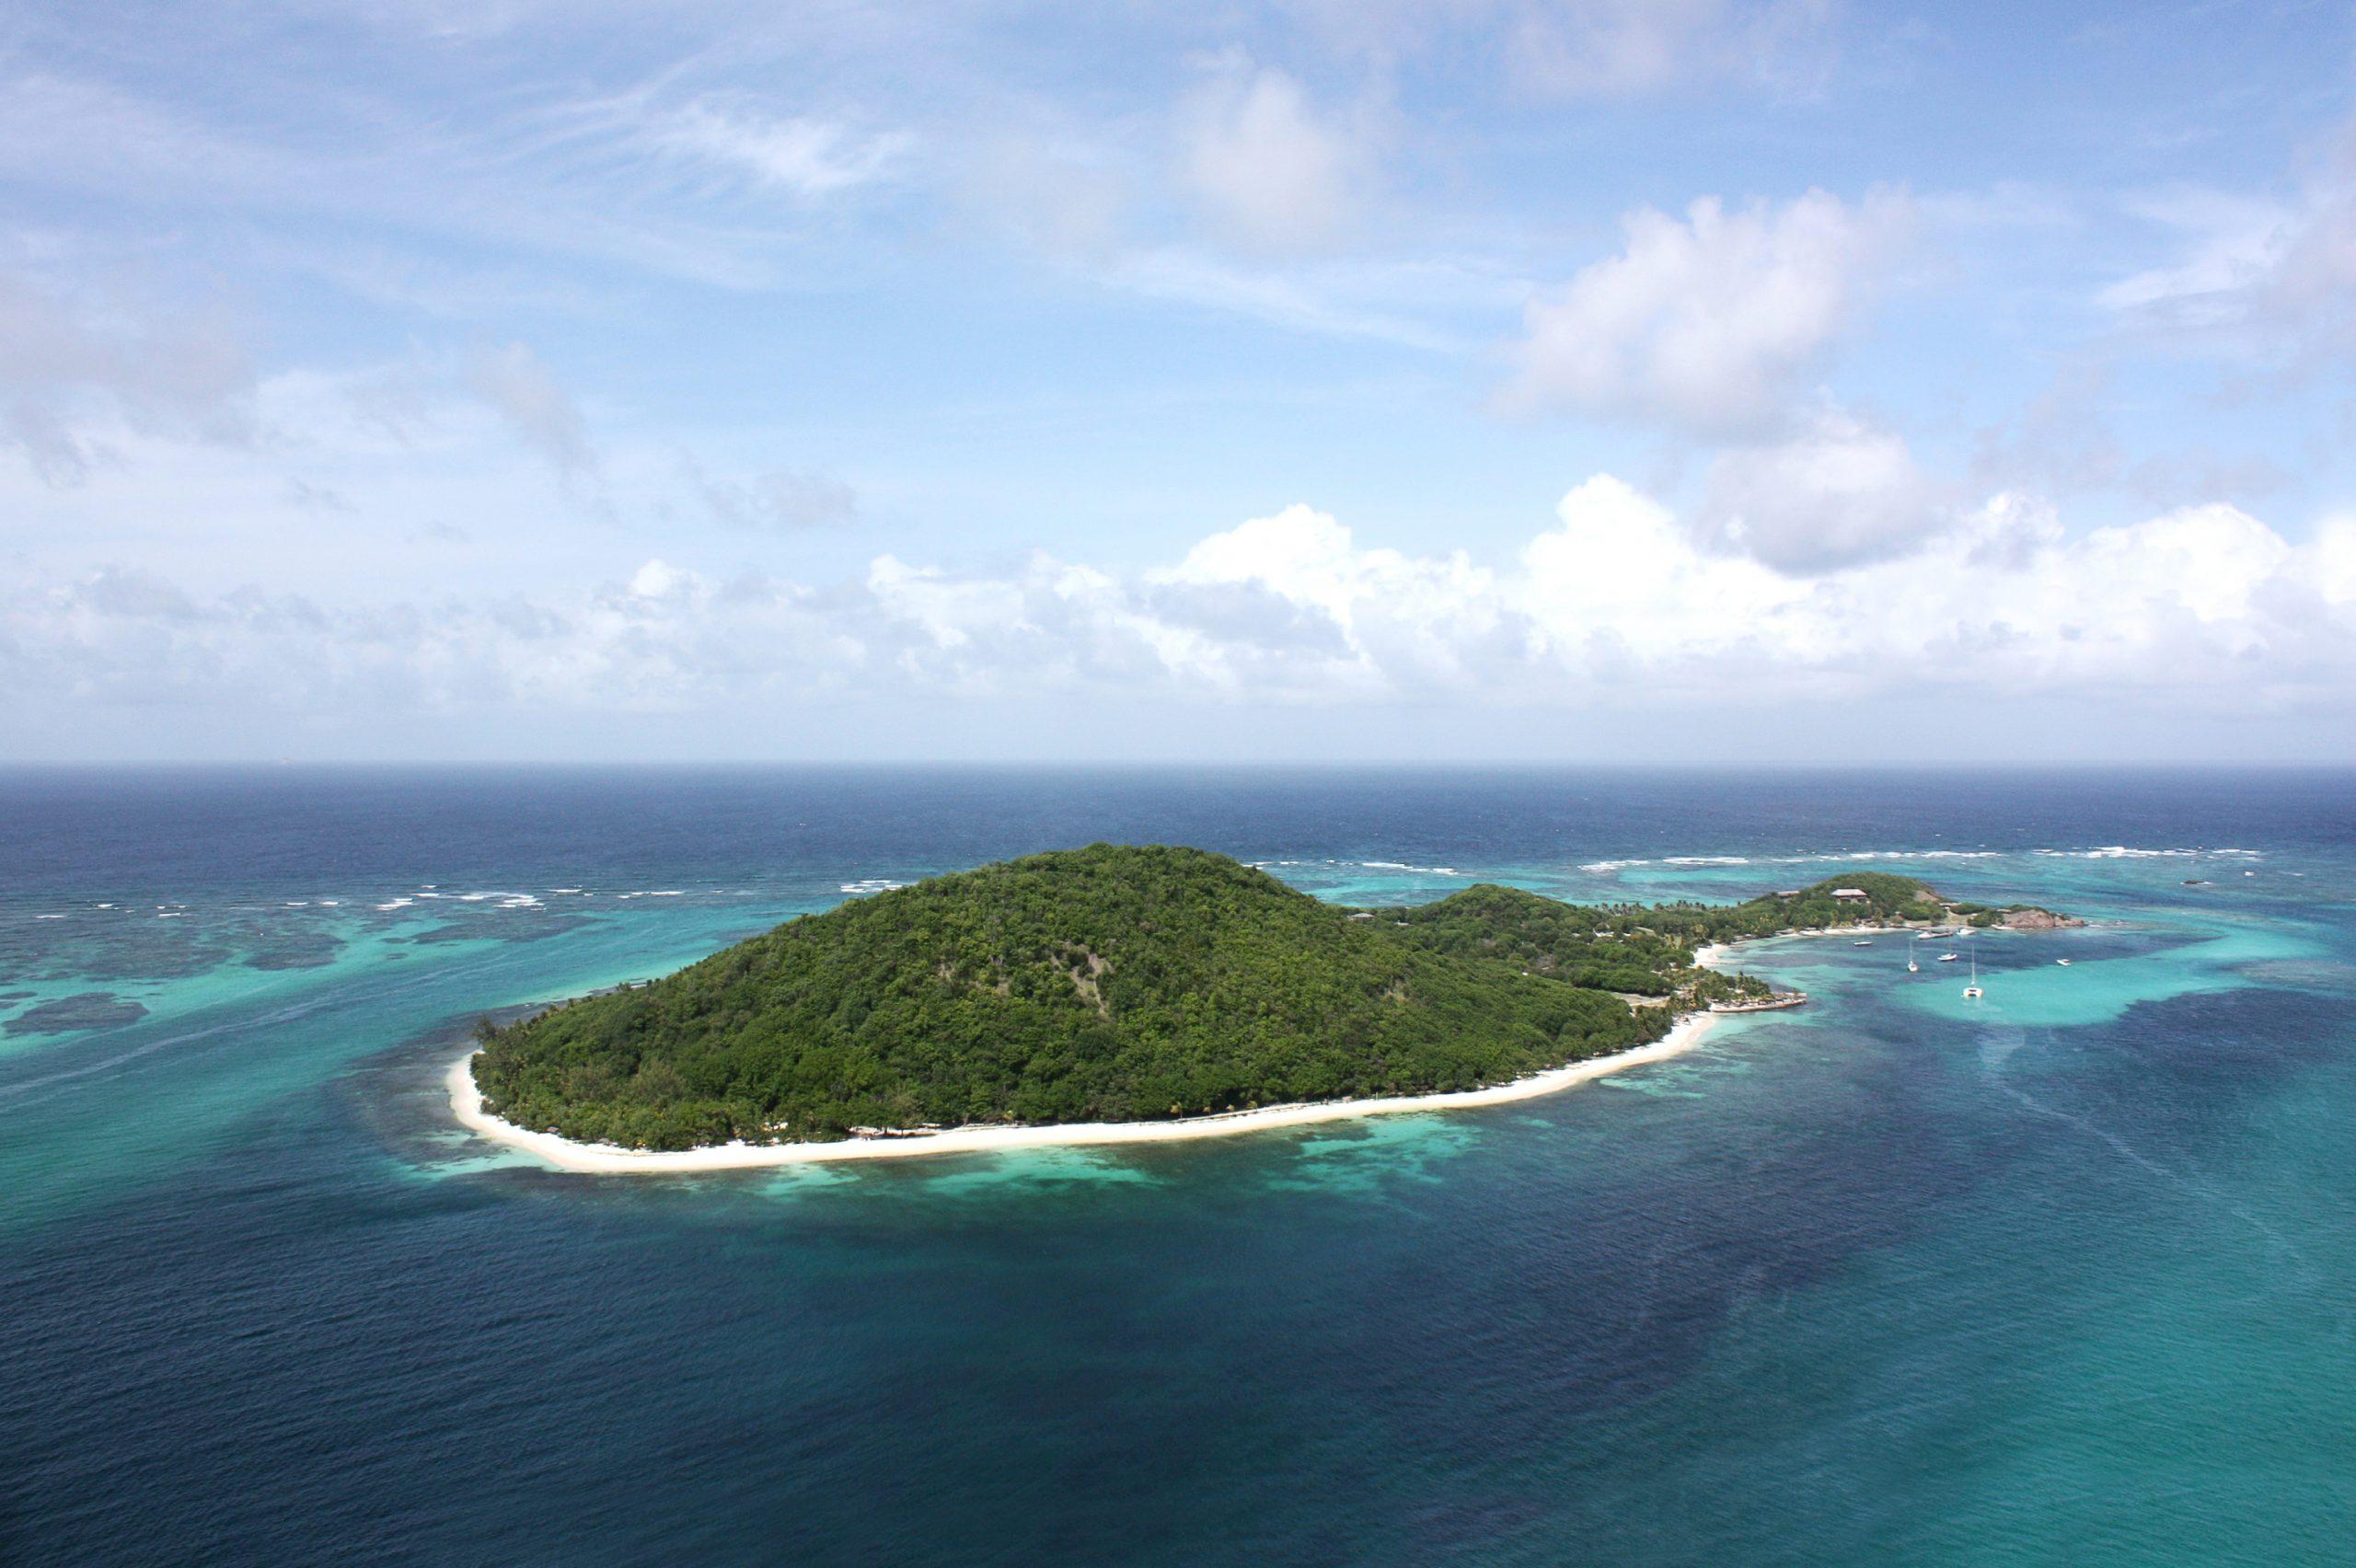 Petit St. Vincent Saint Vincent and the Grenadines